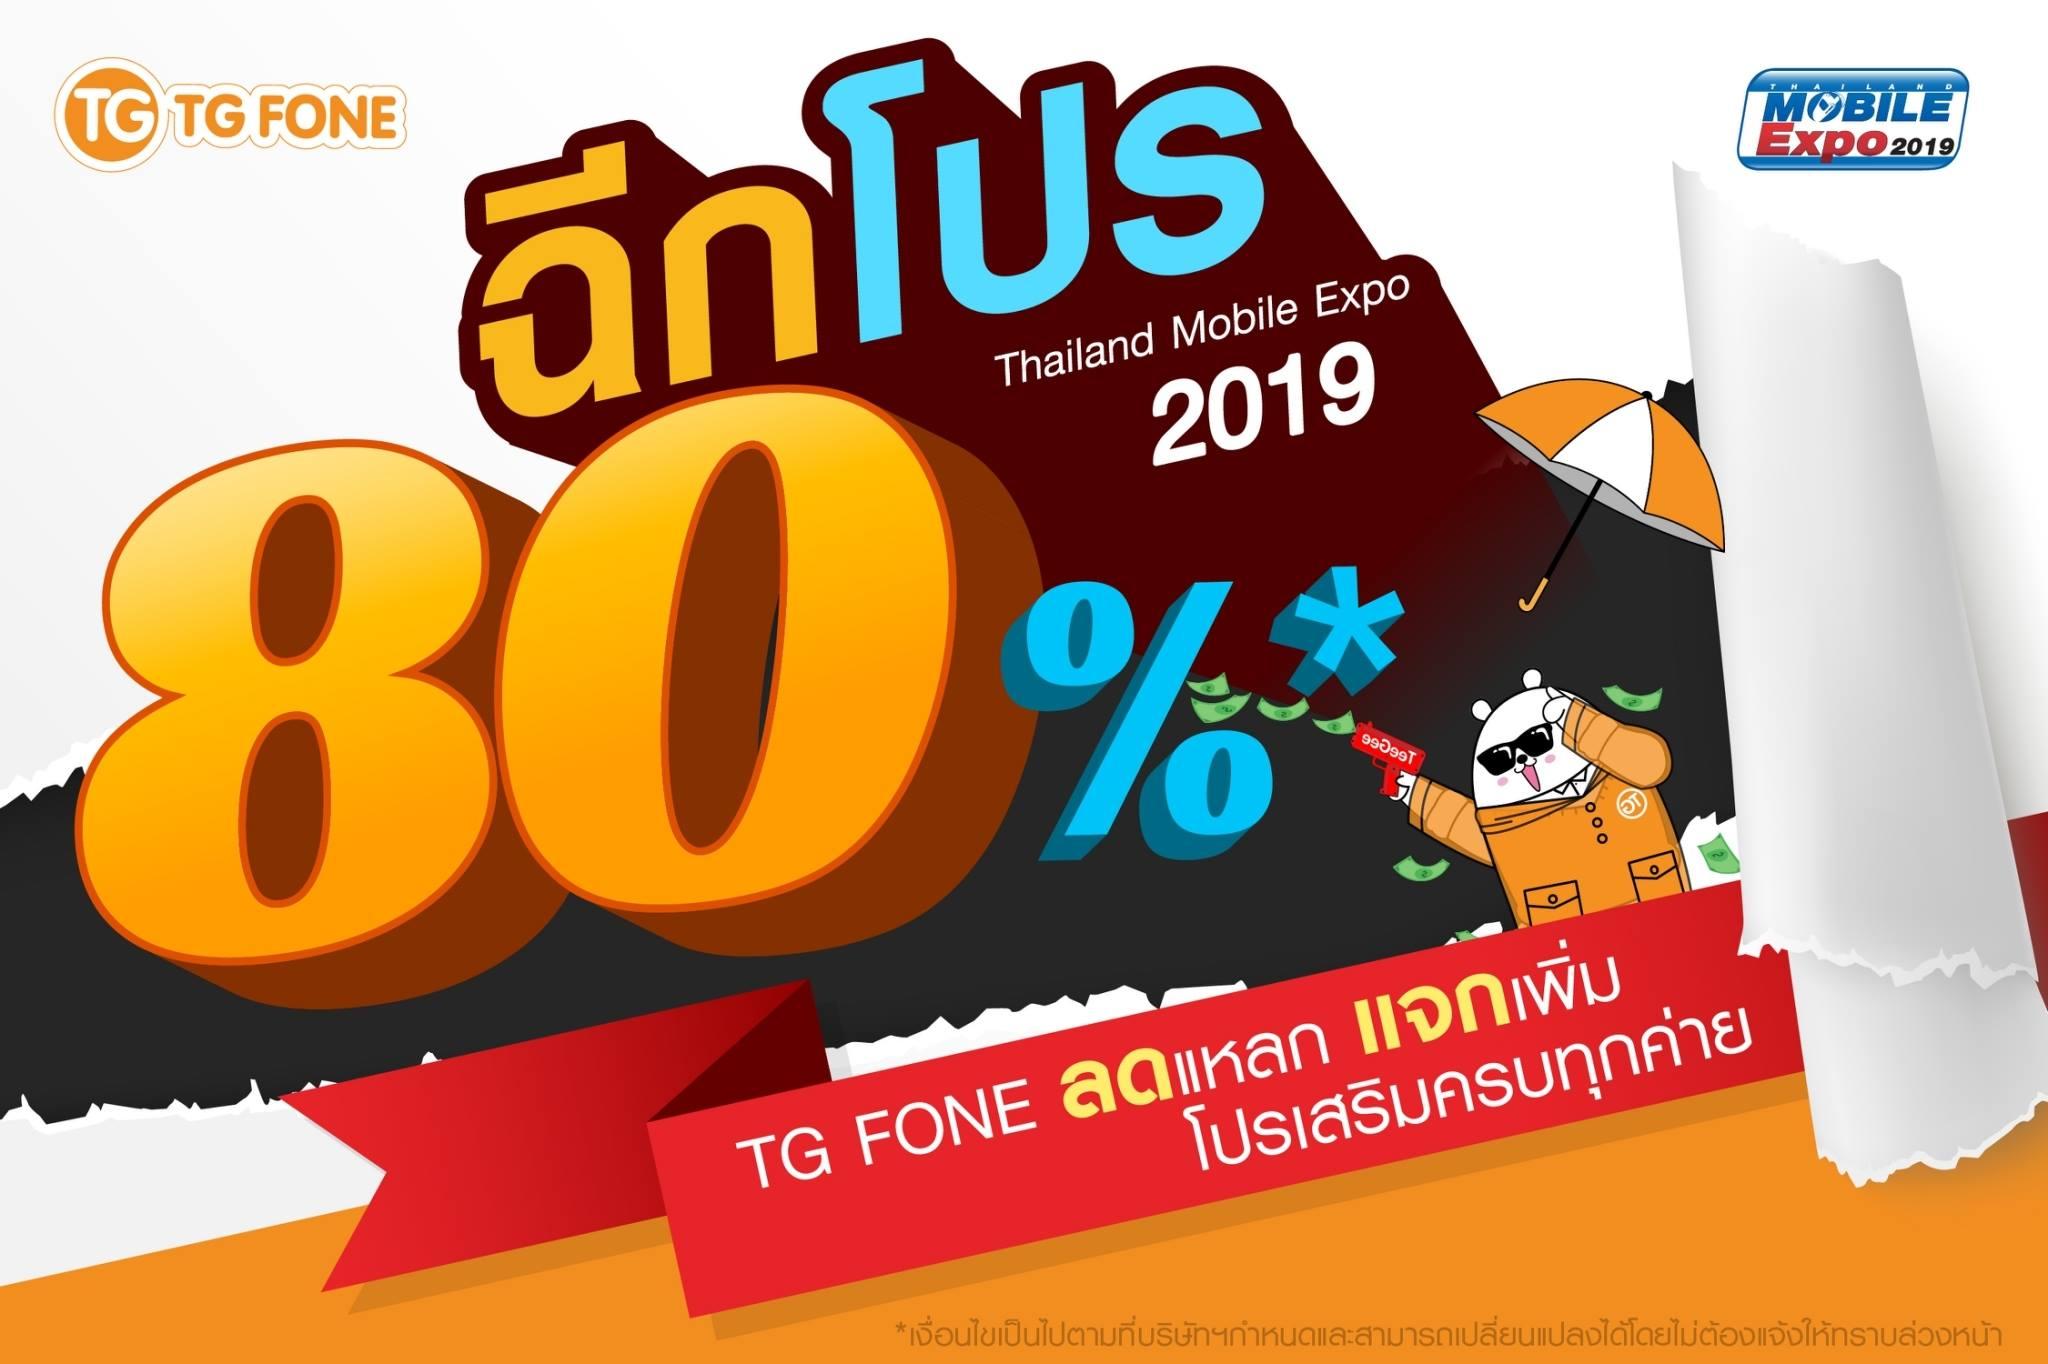 โปร TG FONE งาน Mobile Expo 2019 กลางปี